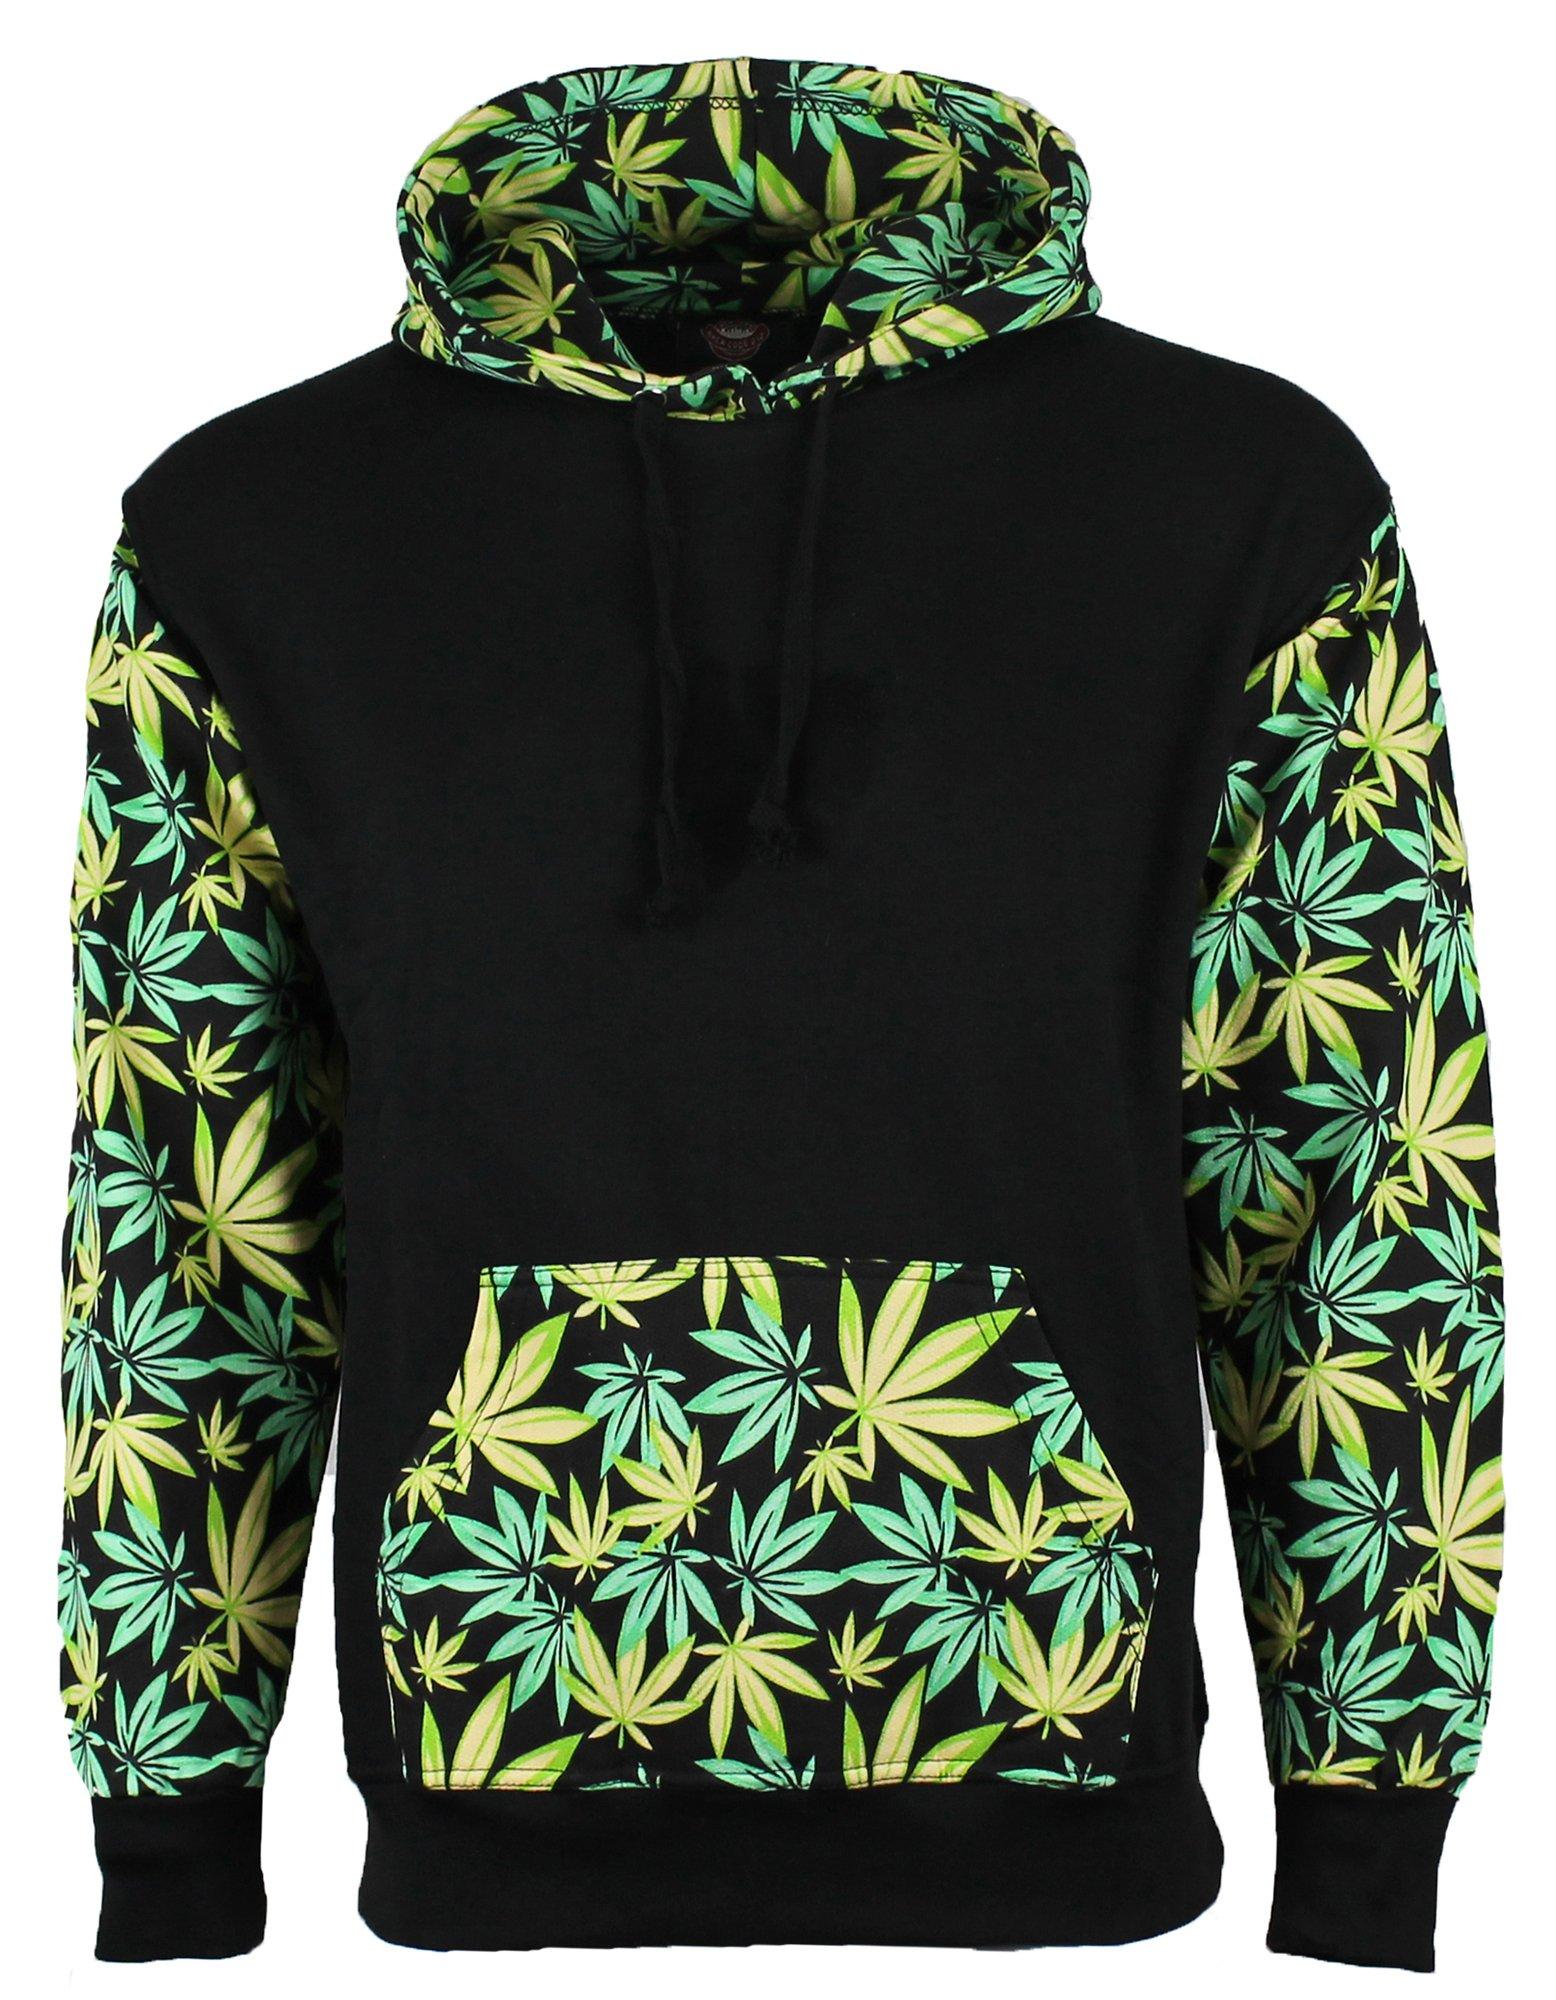 Green Leaf Weed Print Marijuana Cannabis Hooded Sweatshirt Hoodie